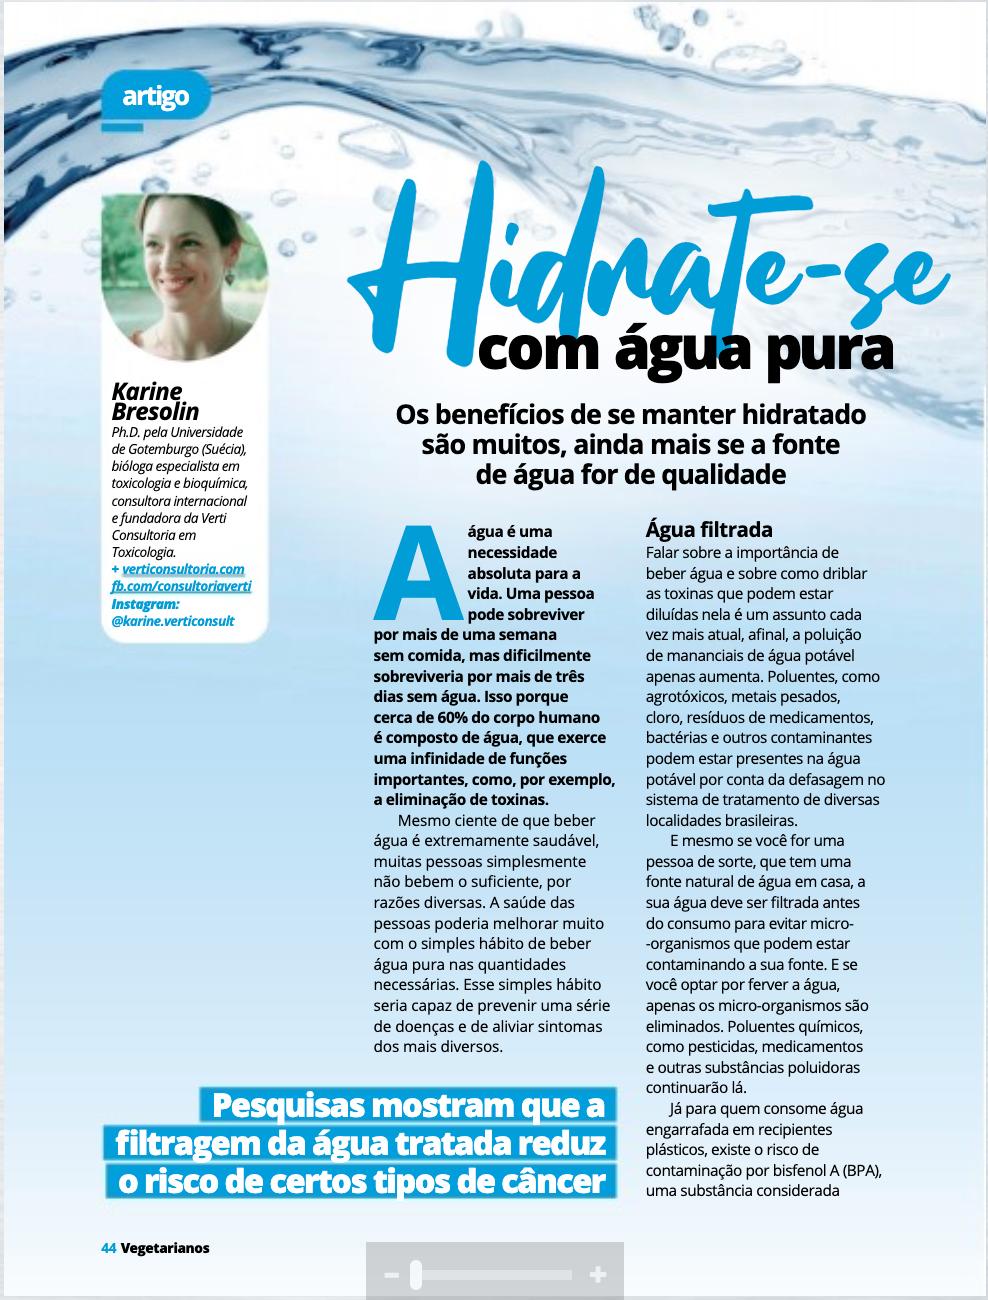 Reportagem publicada na Revista dos Vegetarianos  Abril/2020